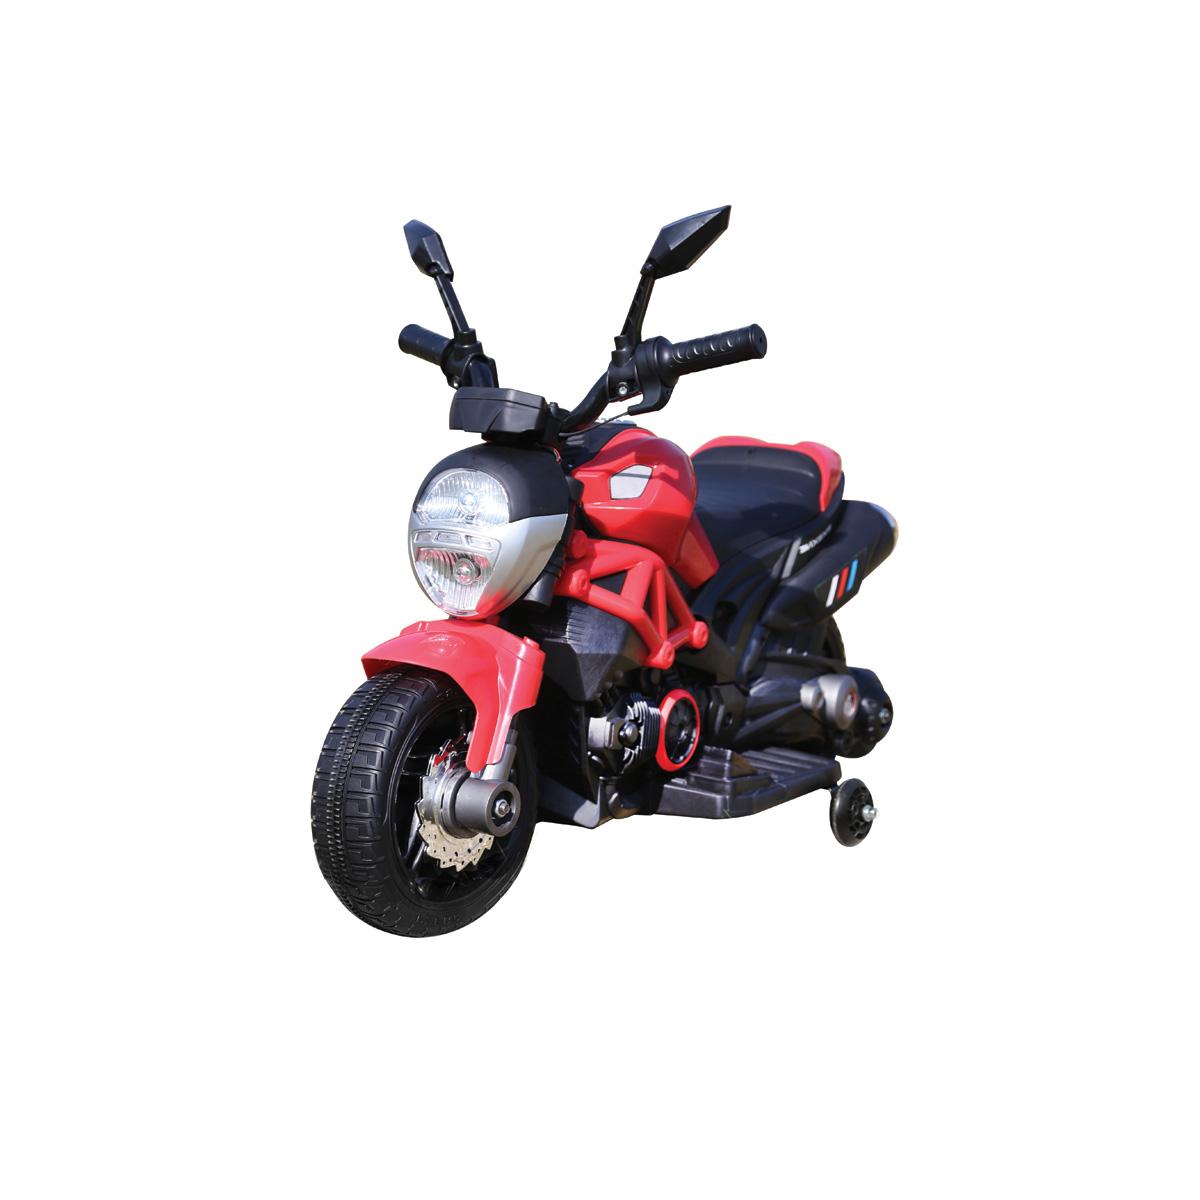 خرید موتور سیکلت شارژی